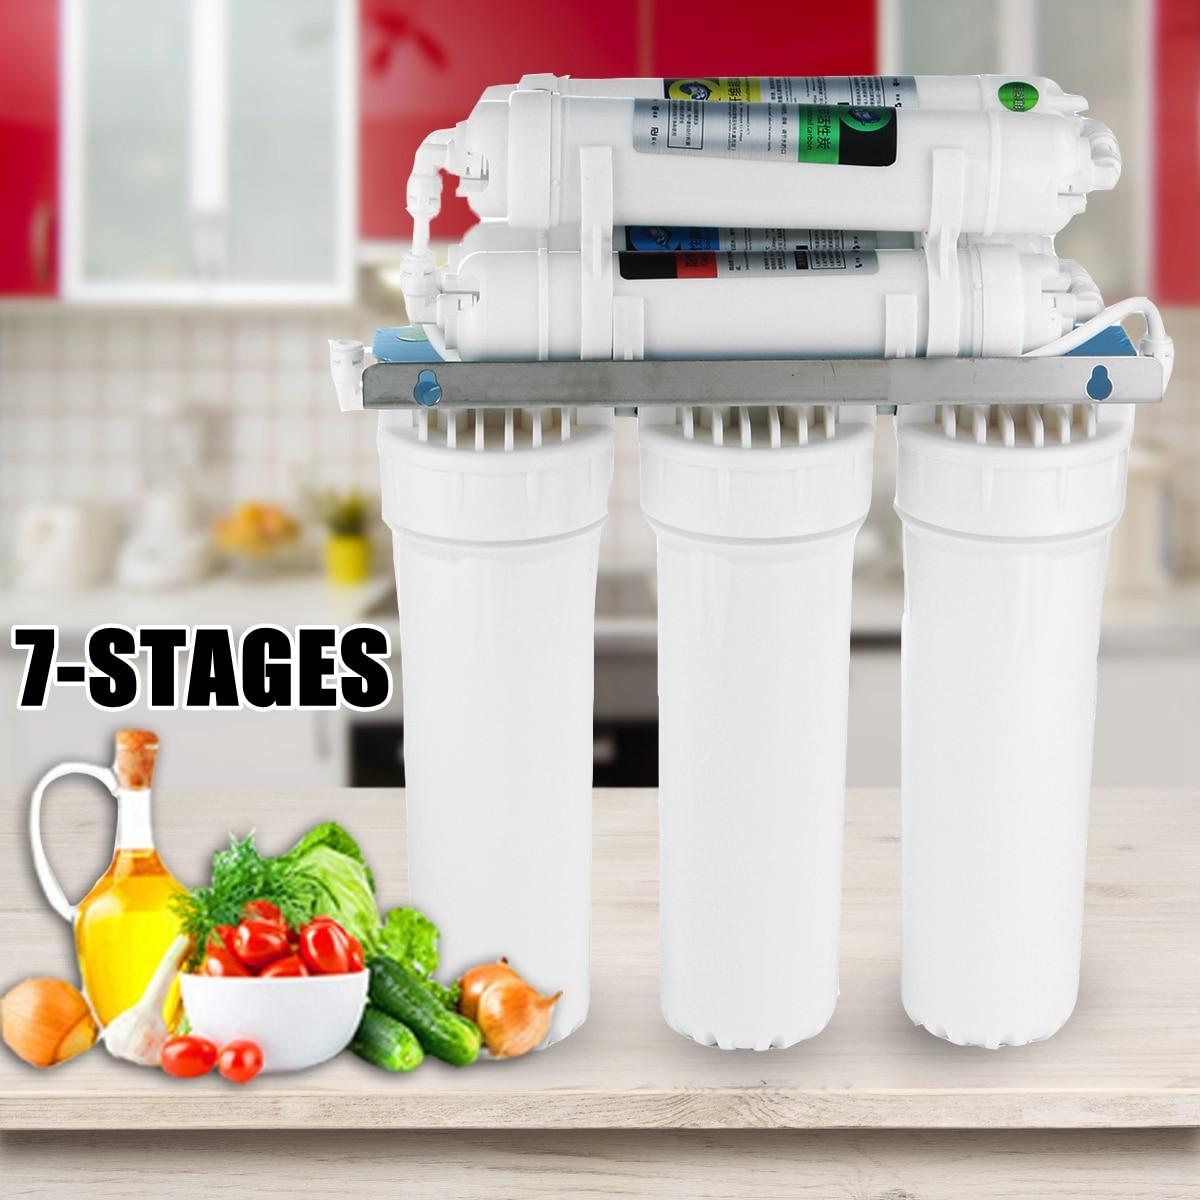 Système de filtre à eau en 7 étapes système d'ultrafiltration potable purificateur de cuisine à domicile filtres à eau avec robinet vanne tuyau d'eau